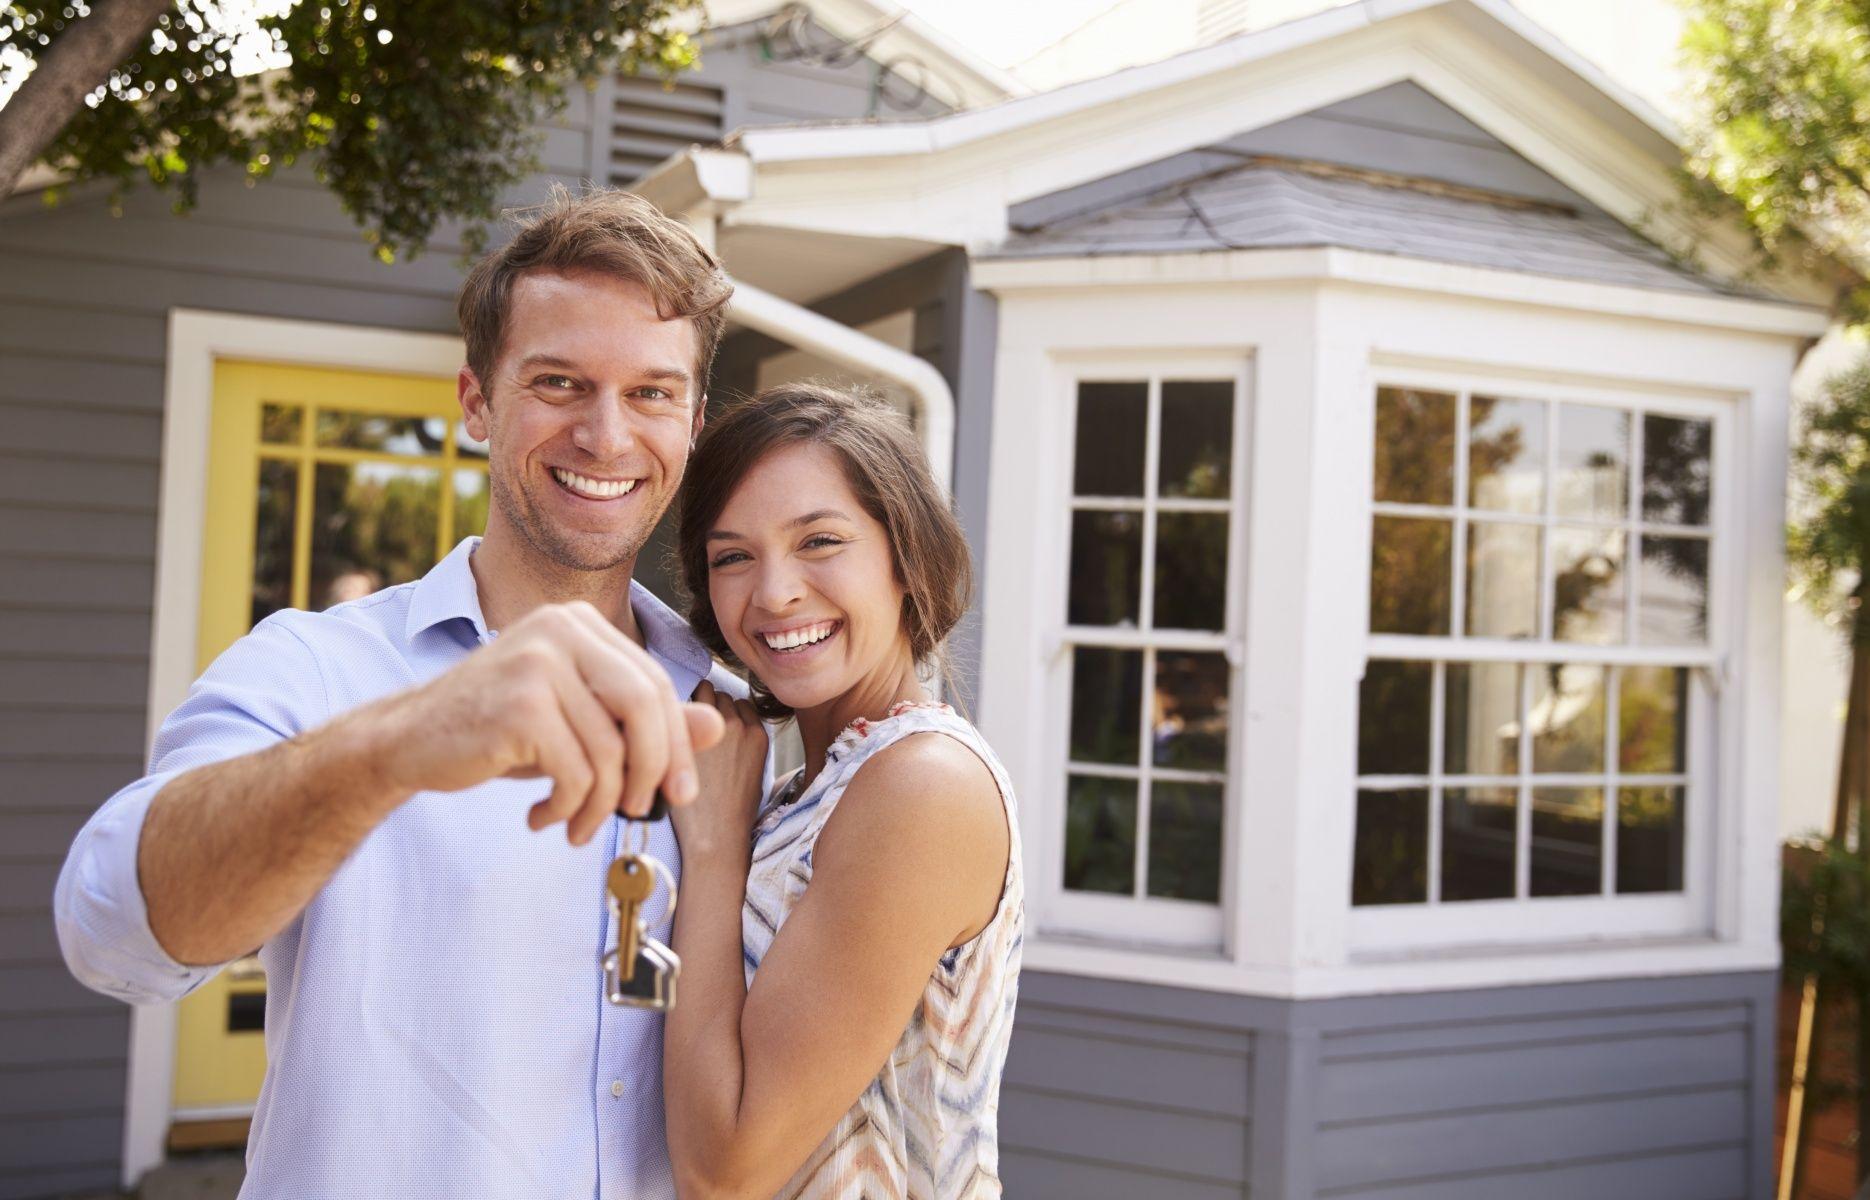 гриль-баром фото недвижимости семья правильно качать